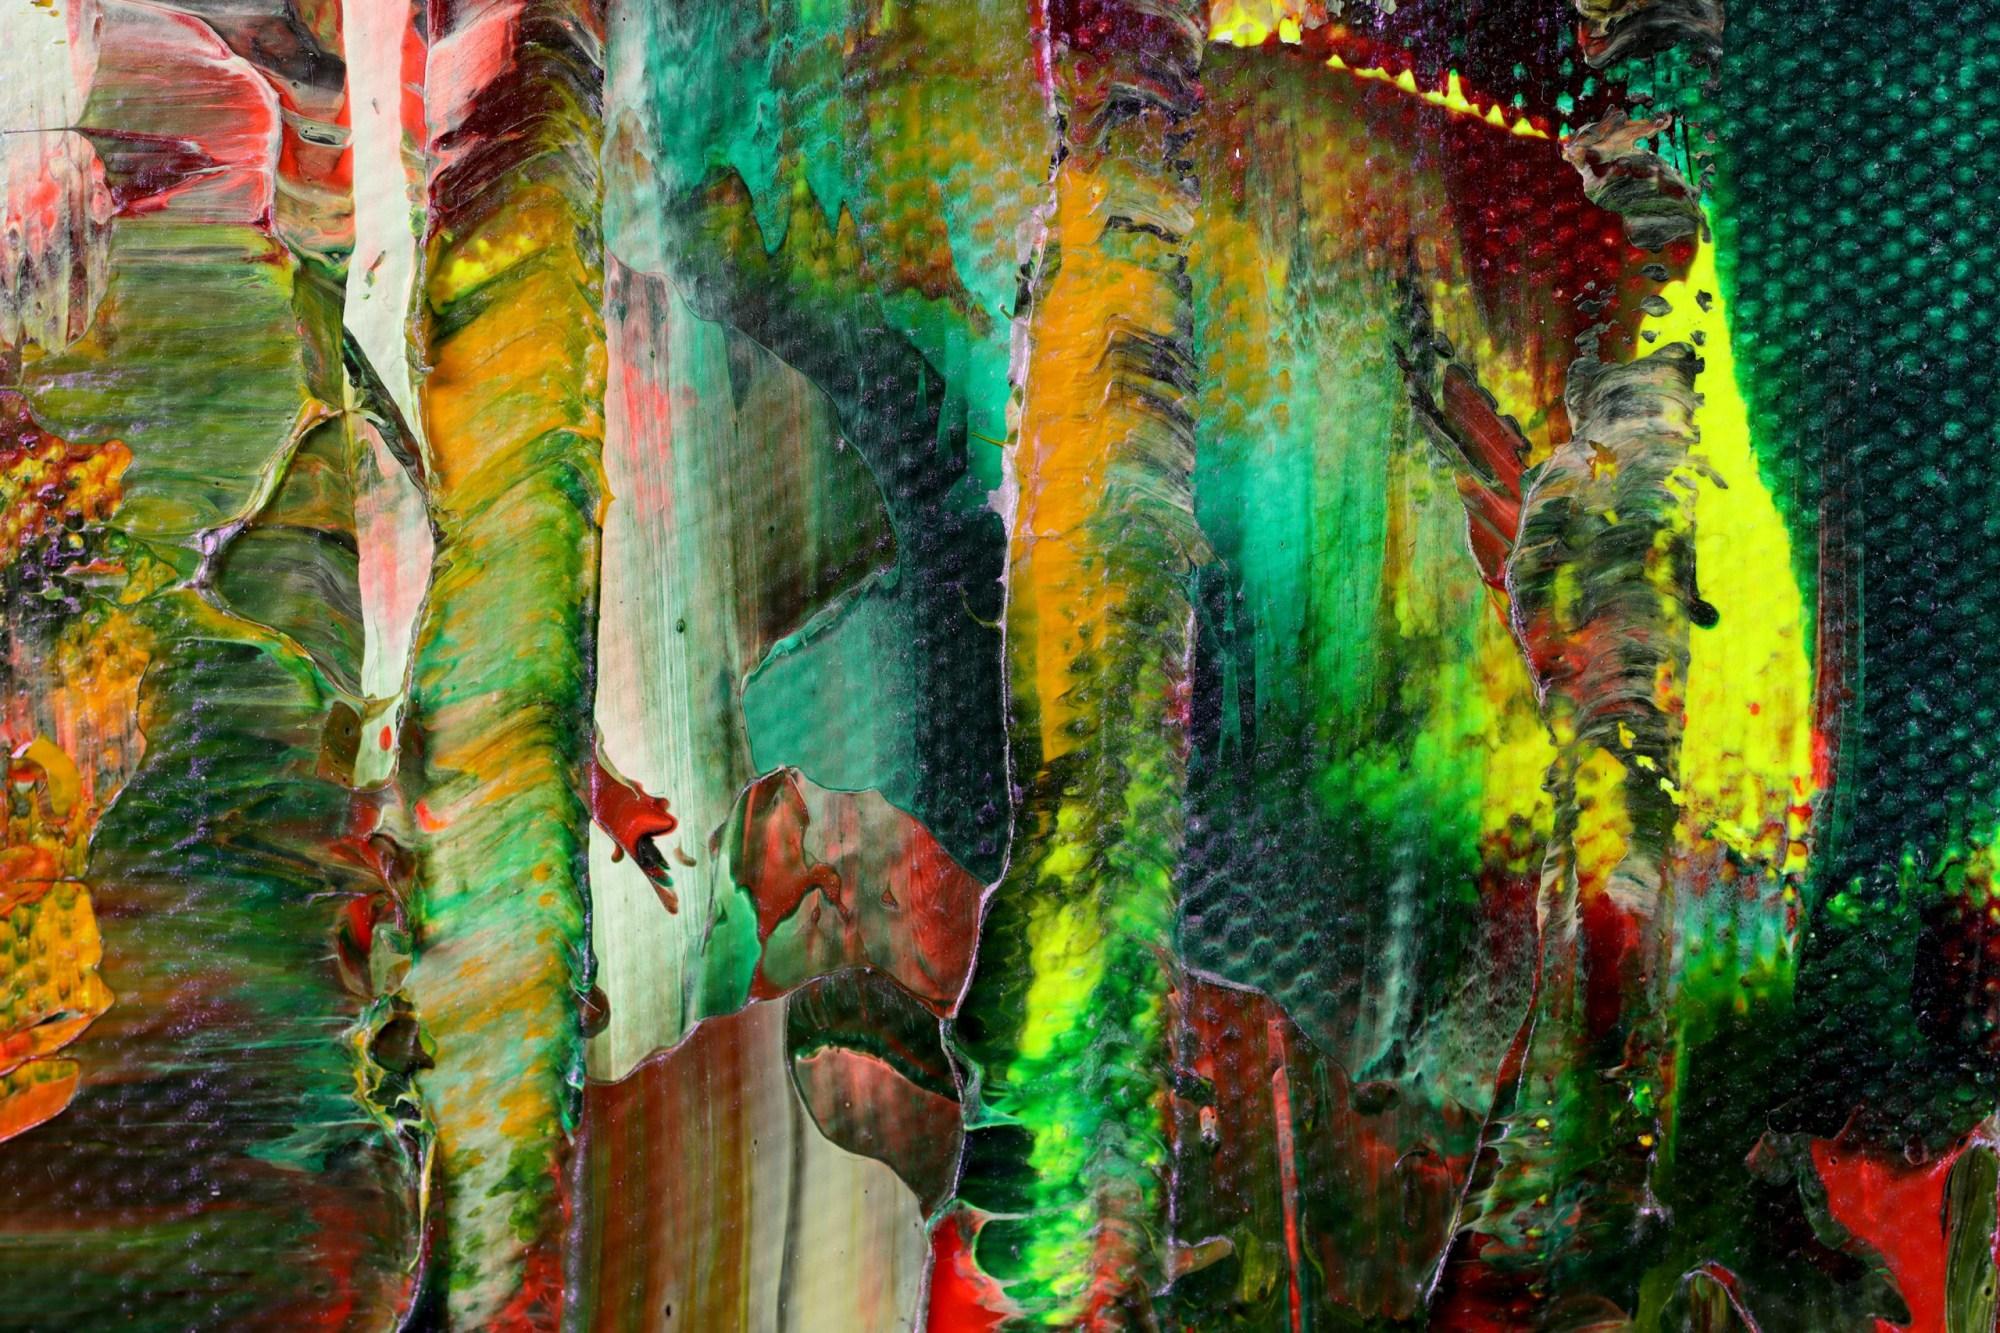 A Color Equation 7 (2021) by Nestor Toro